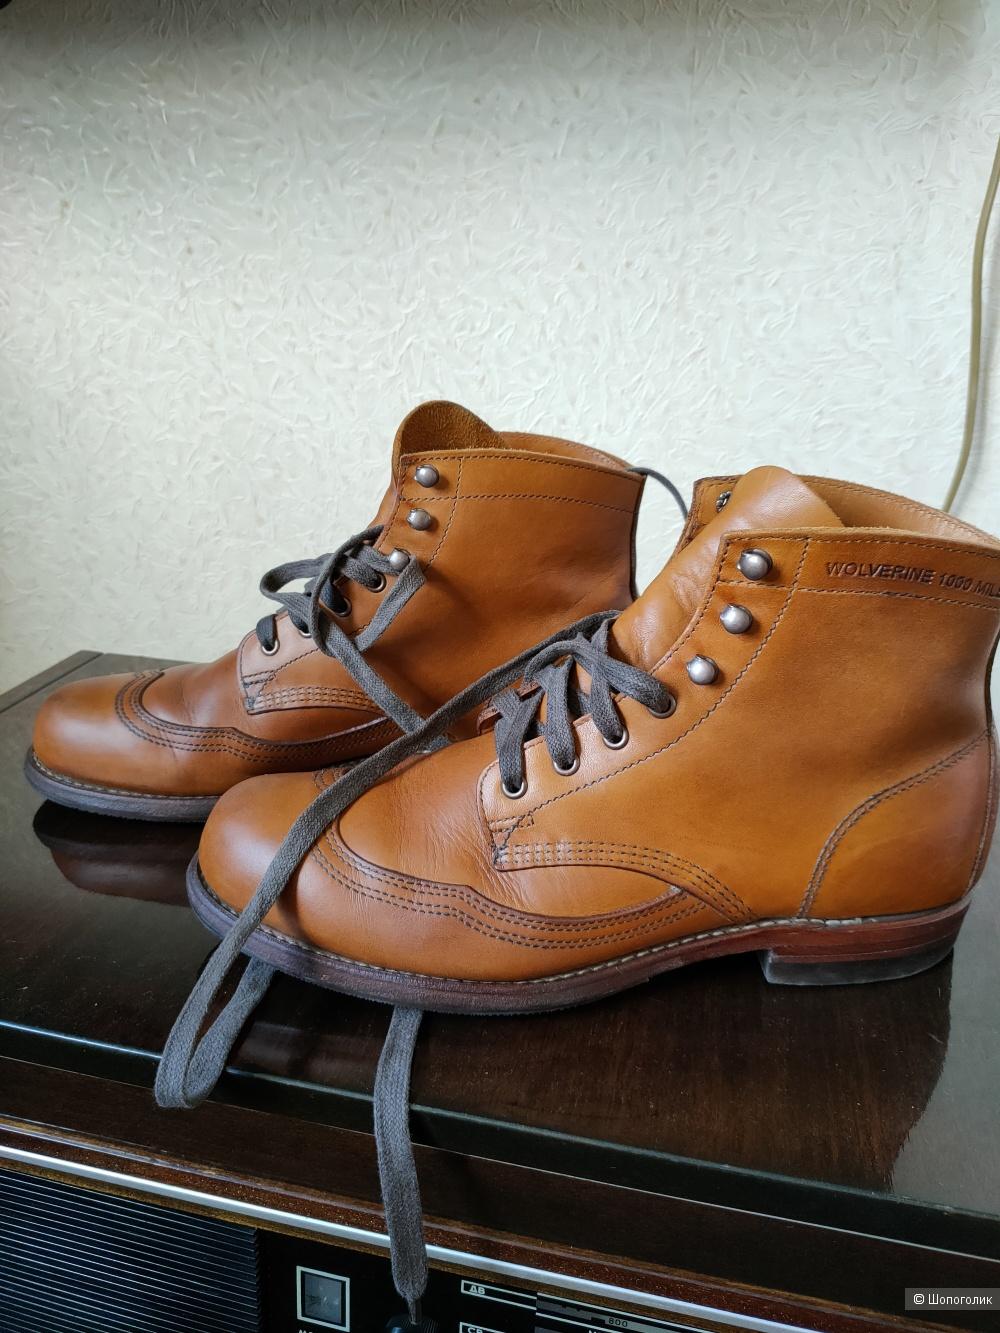 Ботинки Wolverine 1000 Mile USA 8,5, рус 41,5-42